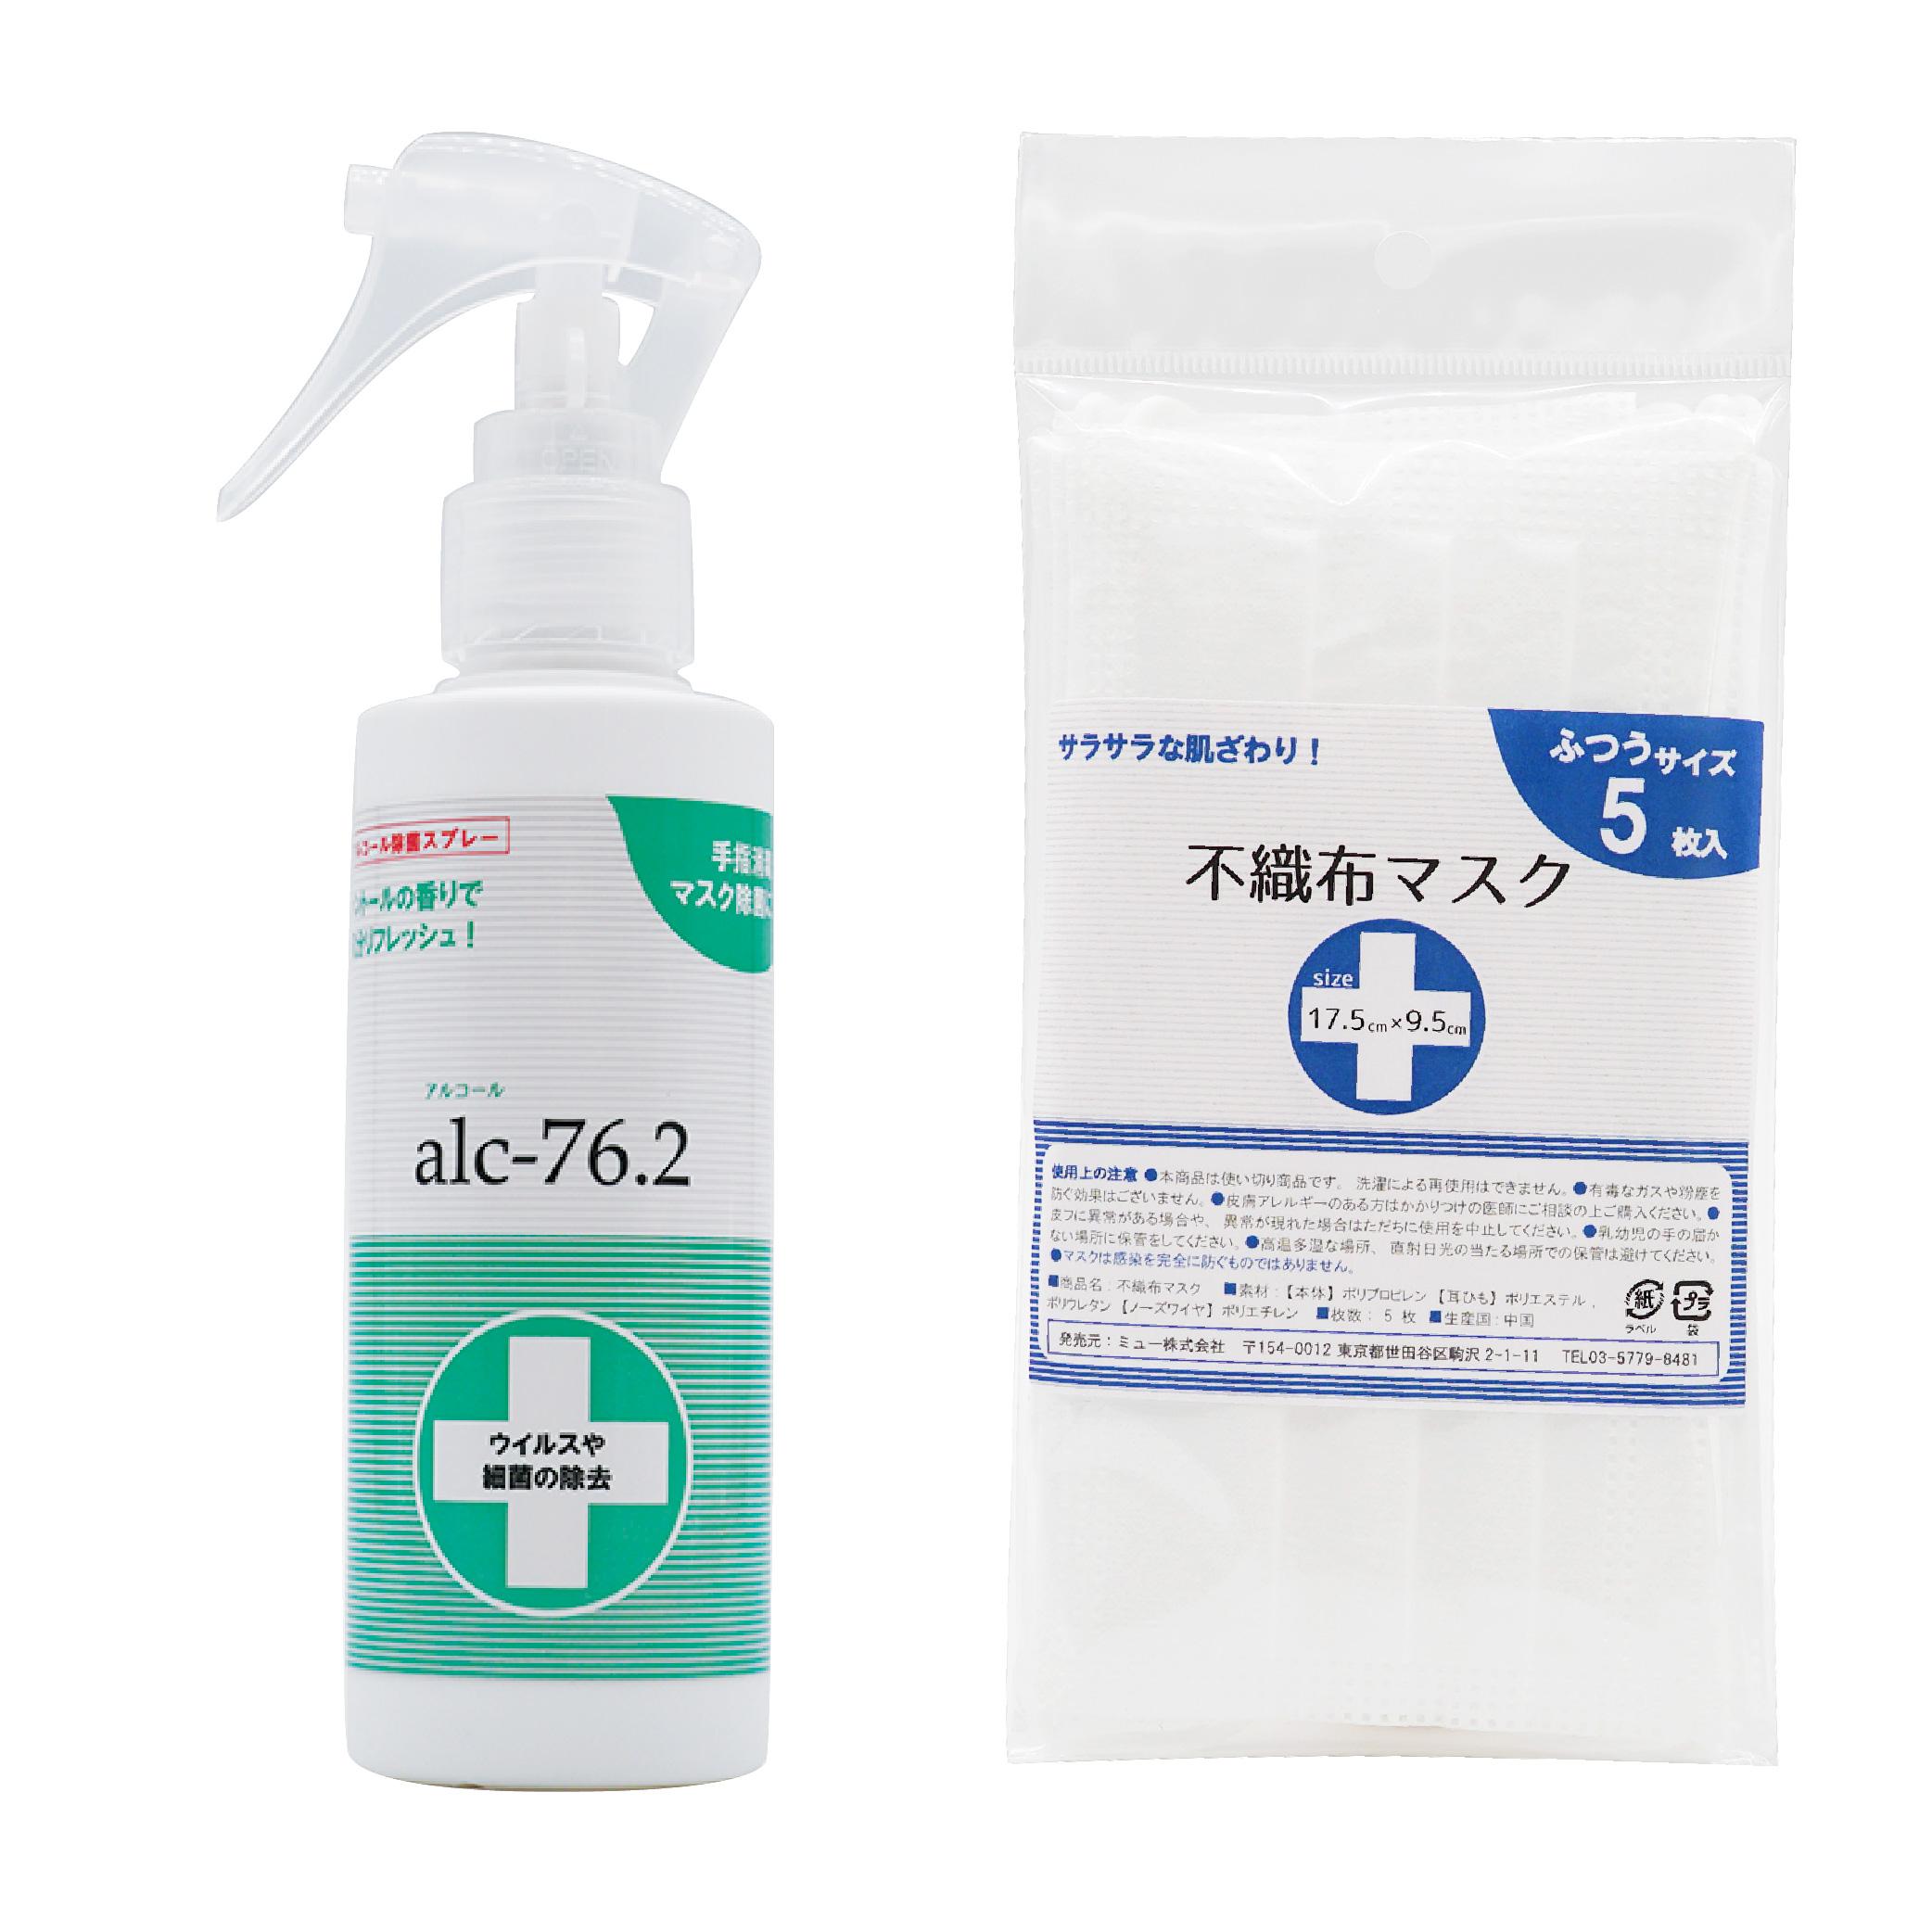 アルコール除菌スプレーalc76.2(150ml)+不織布マスク5枚入 セットの仕入れ、卸し問屋ならミュー株式会社